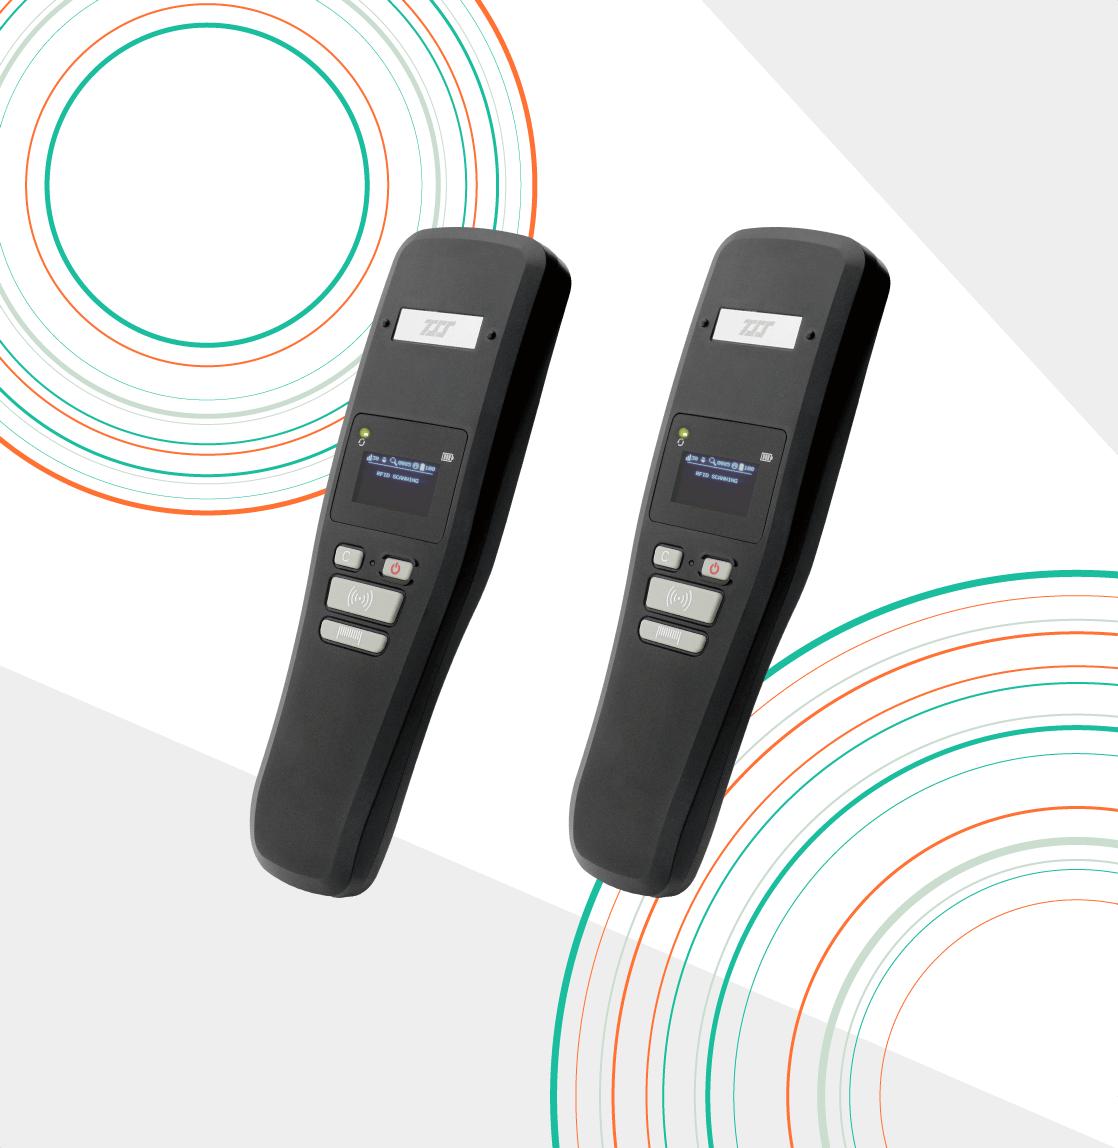 製品情報(RFIDリーダー・ICタグ)|RFID Room